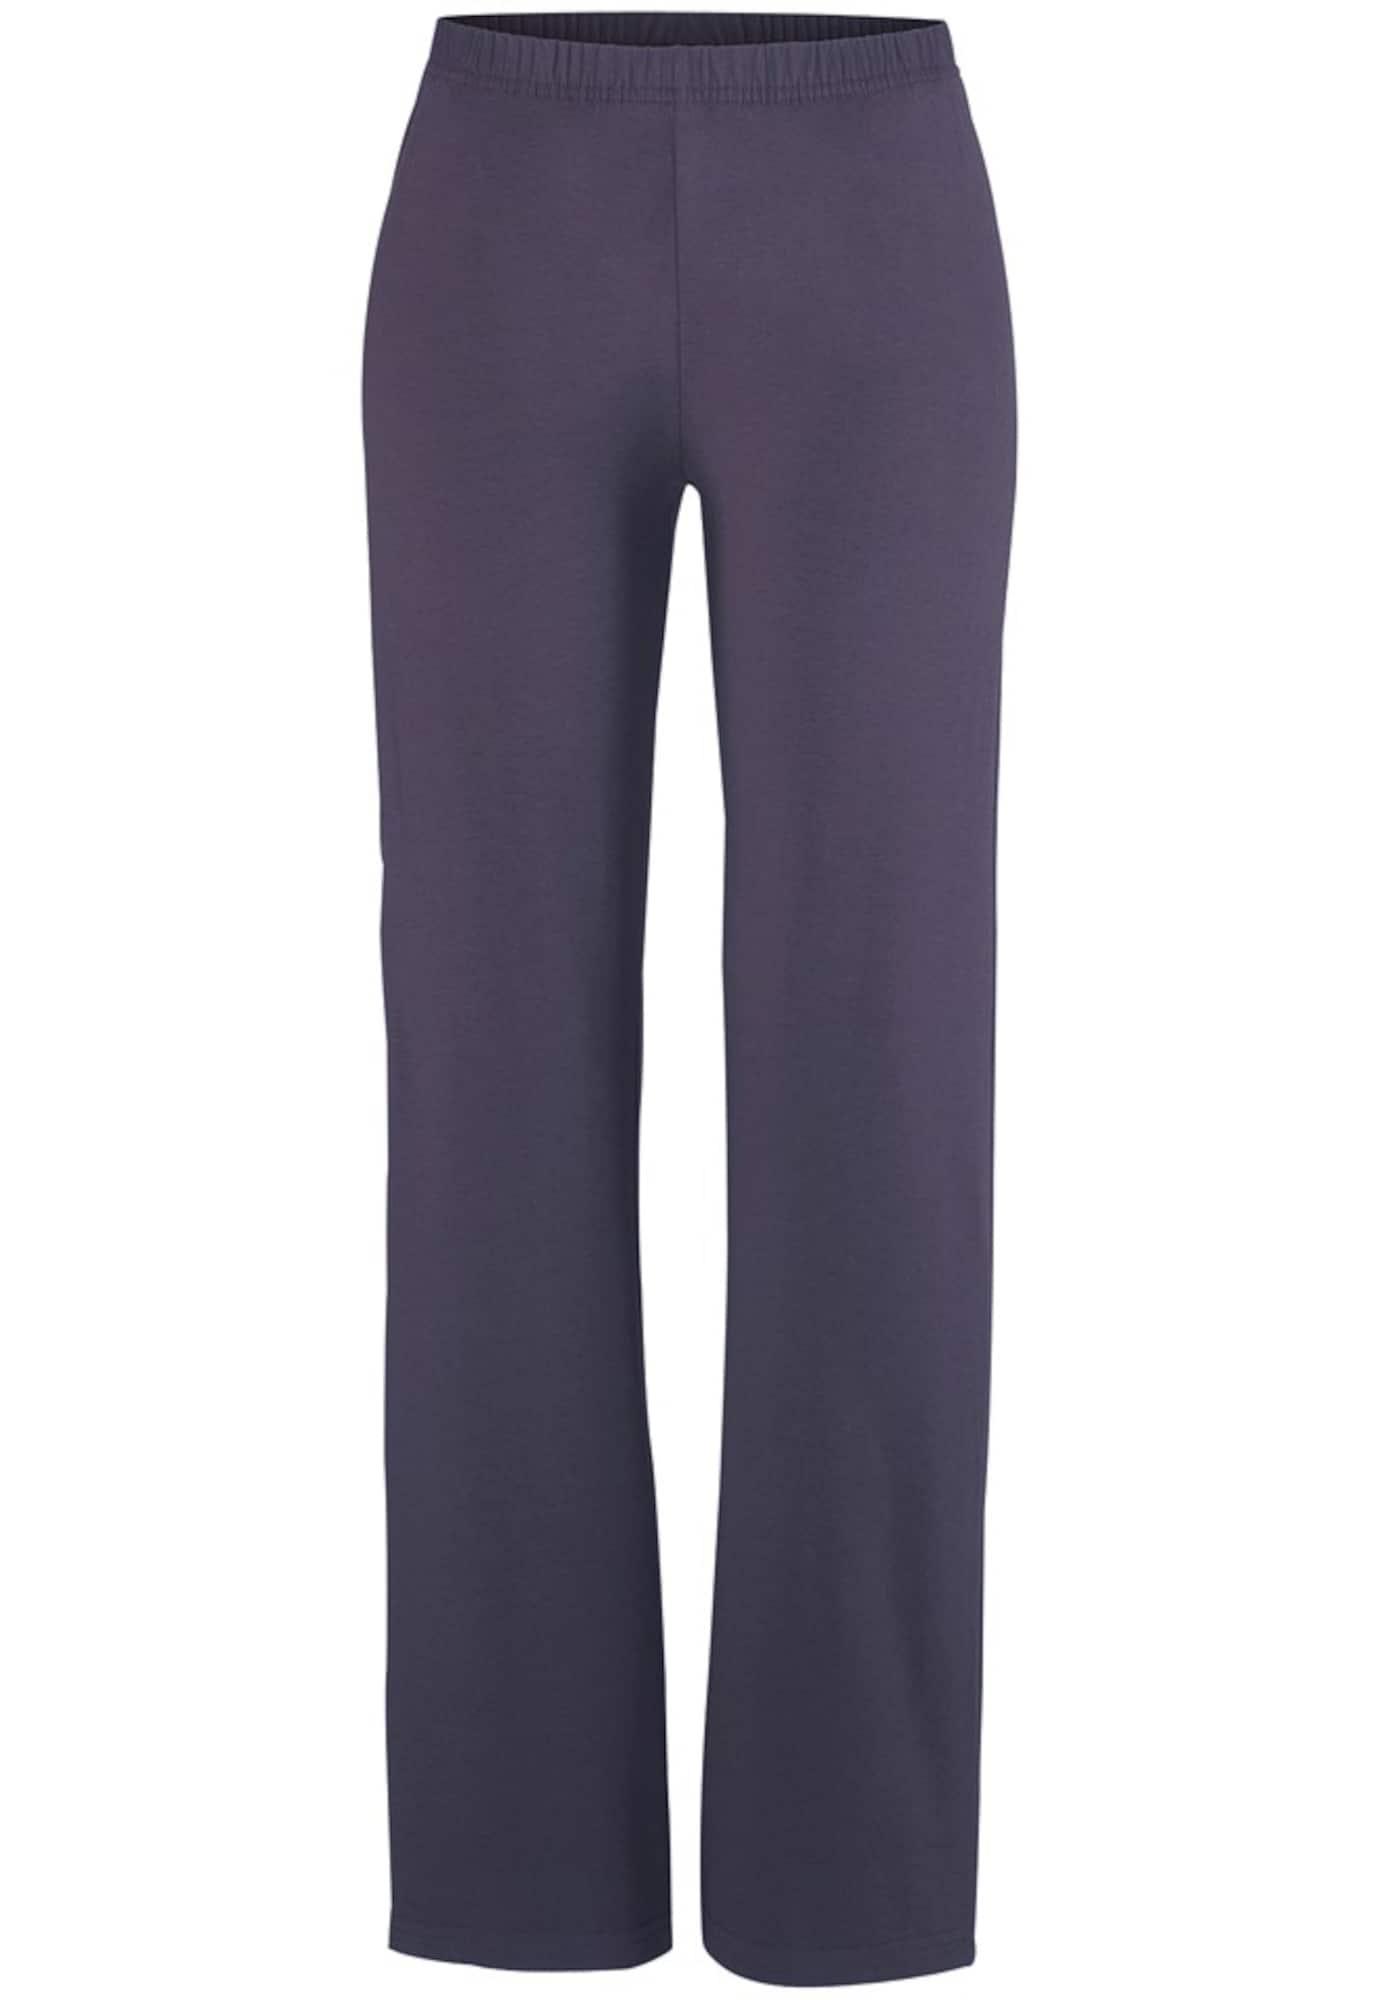 VIVANCE Pižaminės kelnės juoda / mėlyna